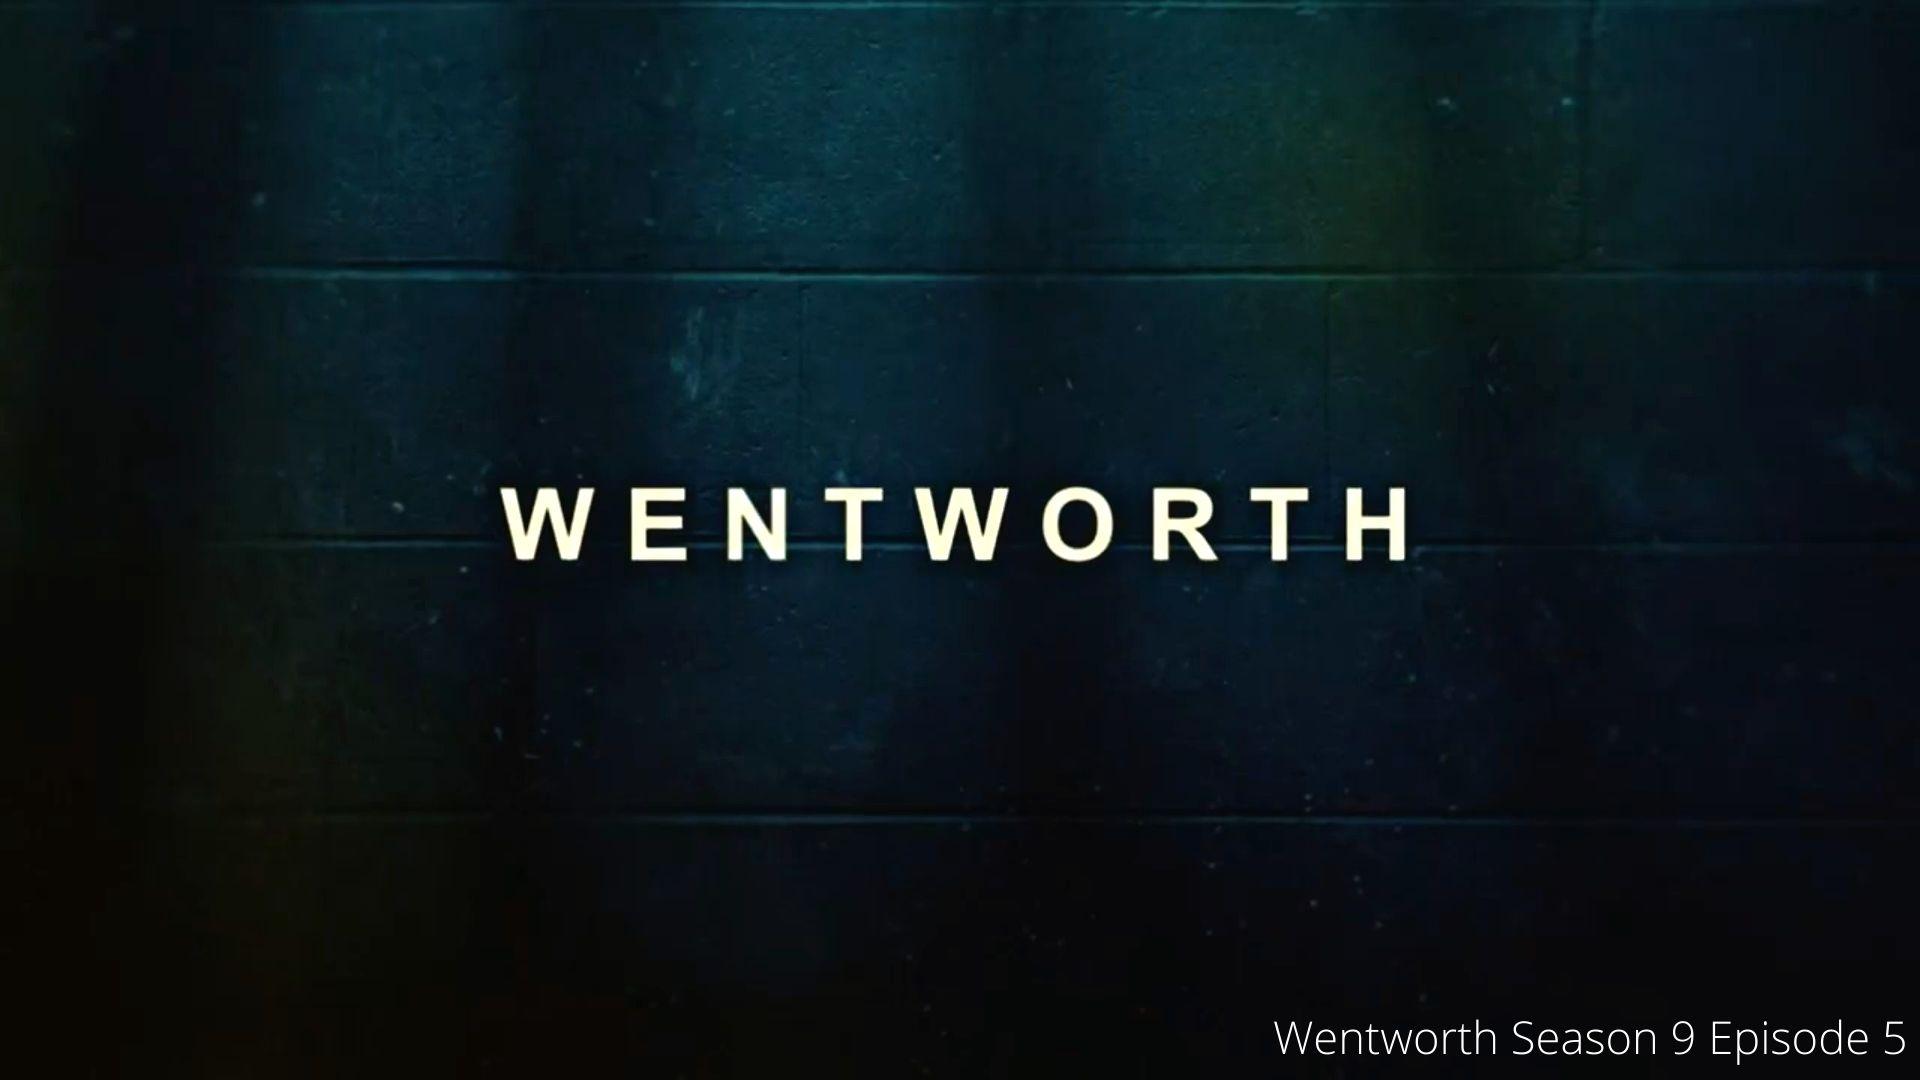 Wentworth Season 9 Episode 5